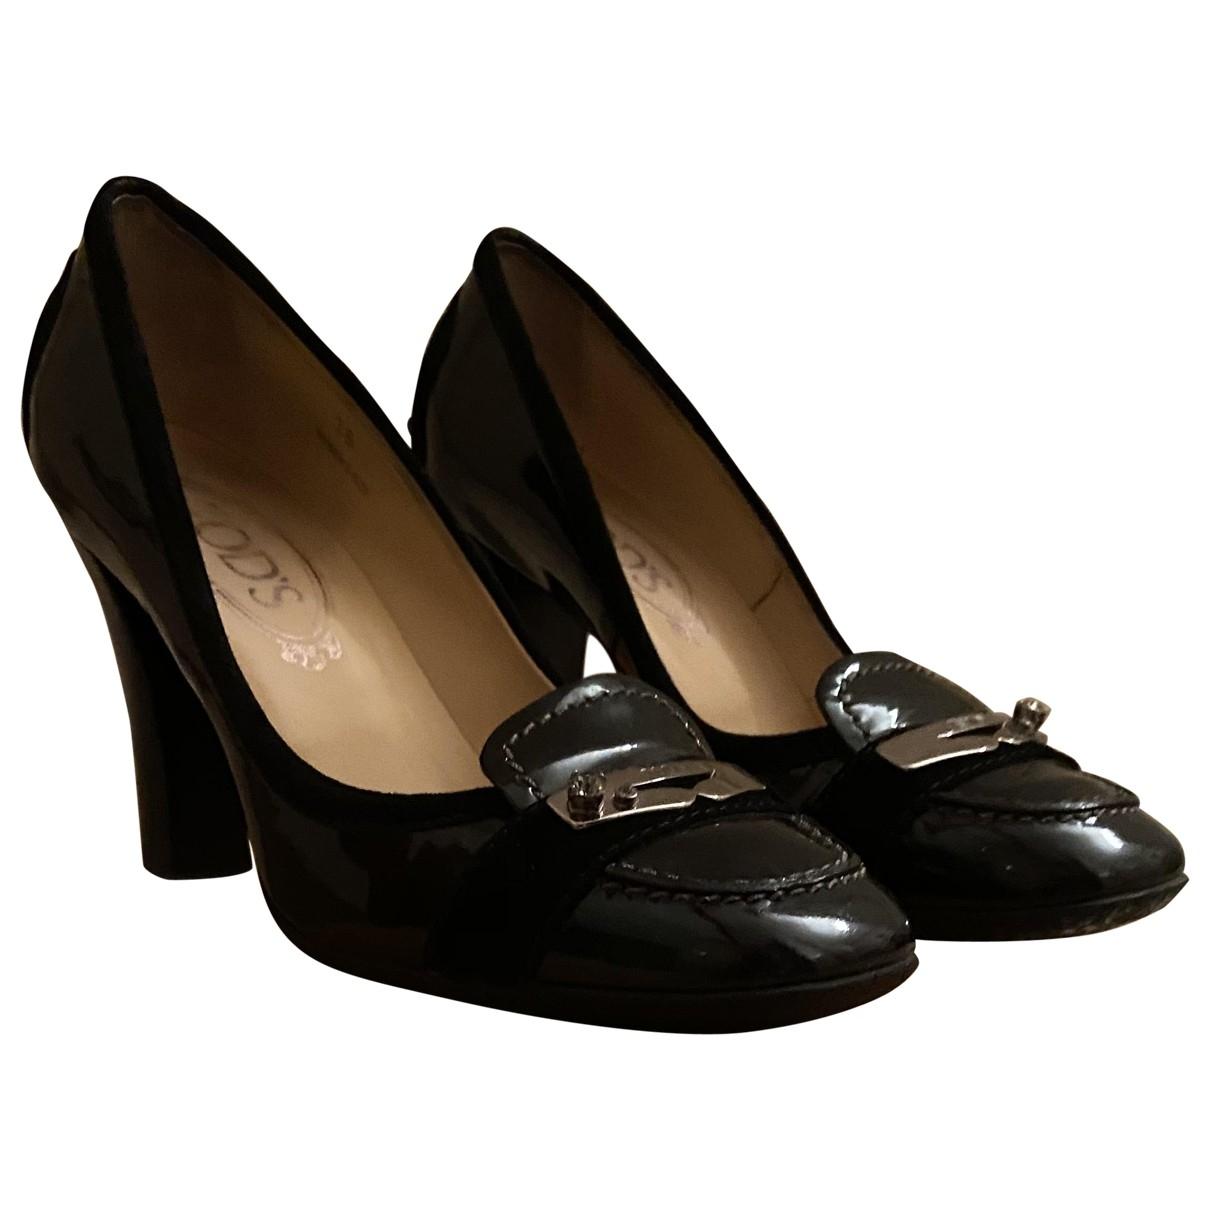 Tods - Escarpins Gommino pour femme en cuir verni - noir